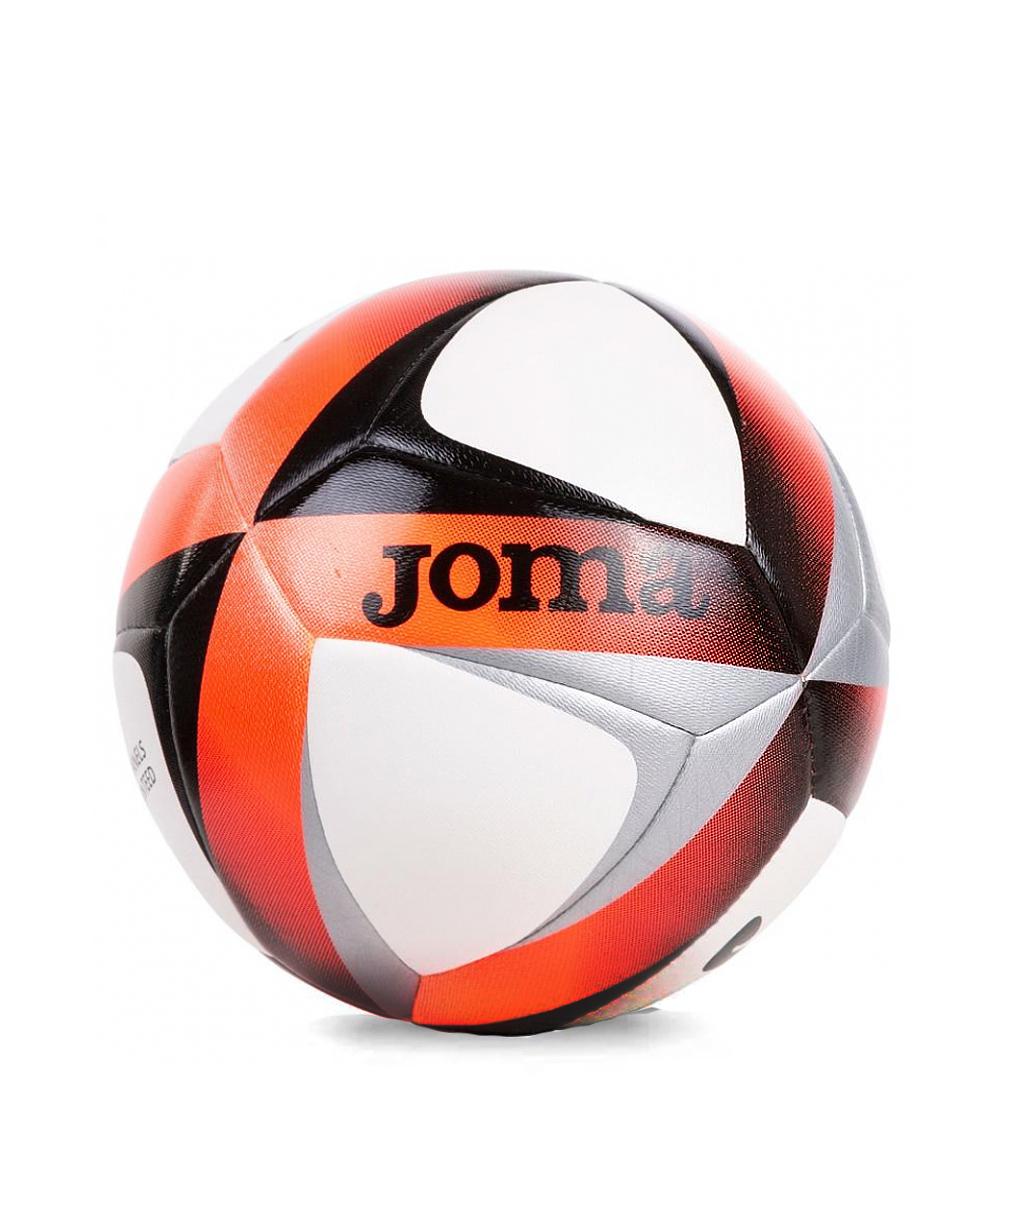 Купить детский мяч Joma Victory JR SALA 400459.219 размер 3